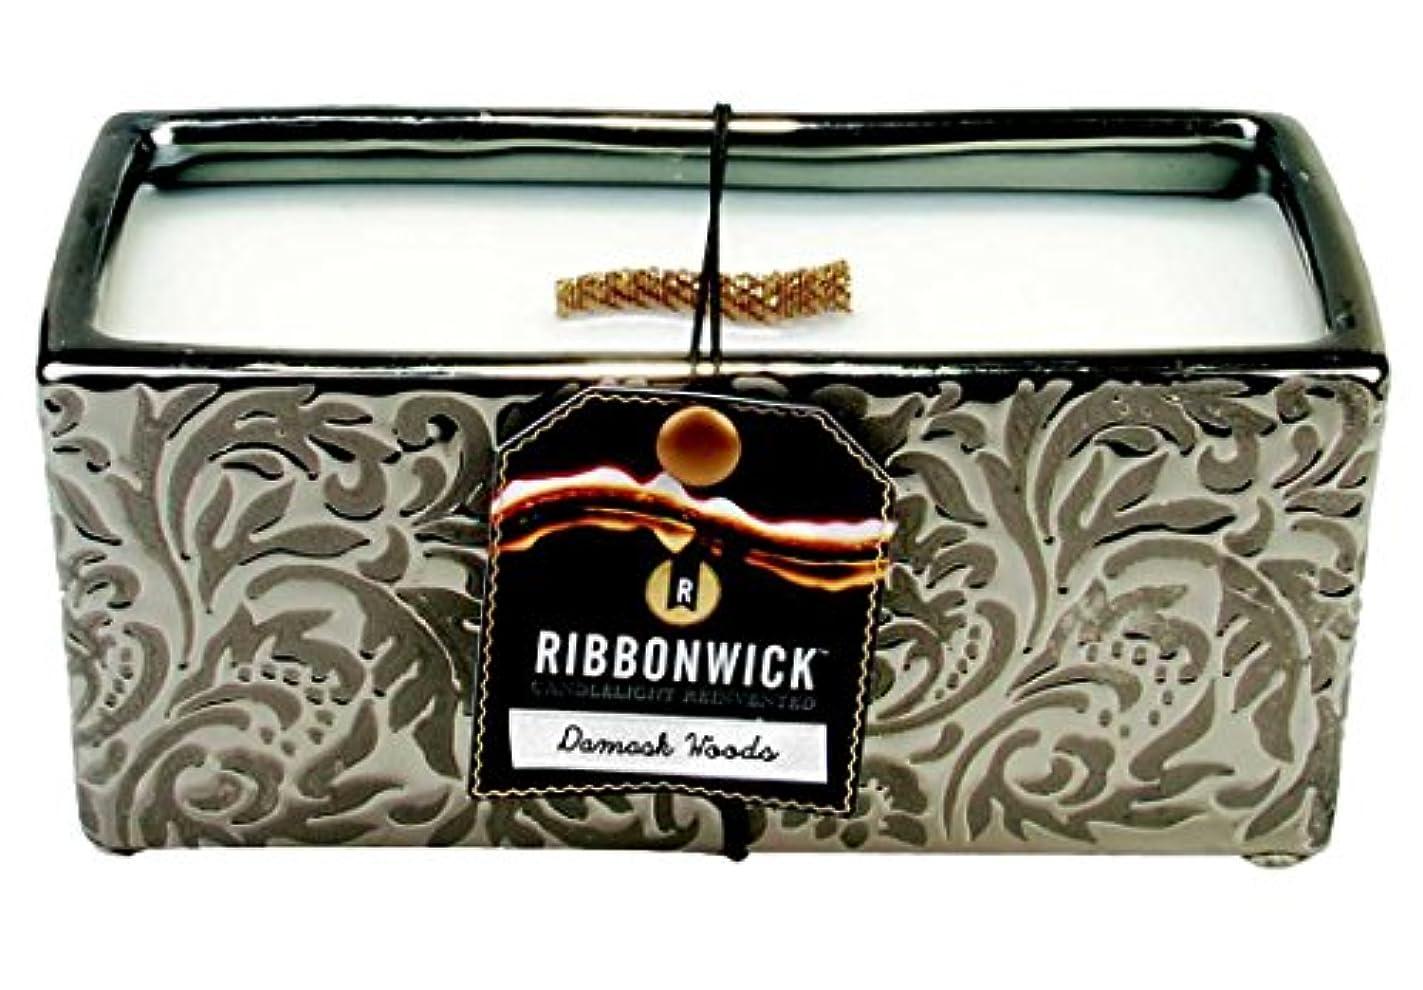 スパーク終わらせる出版1 x RibbonWick :ダマスクWoodsコレクション – 長方形Scented Candle